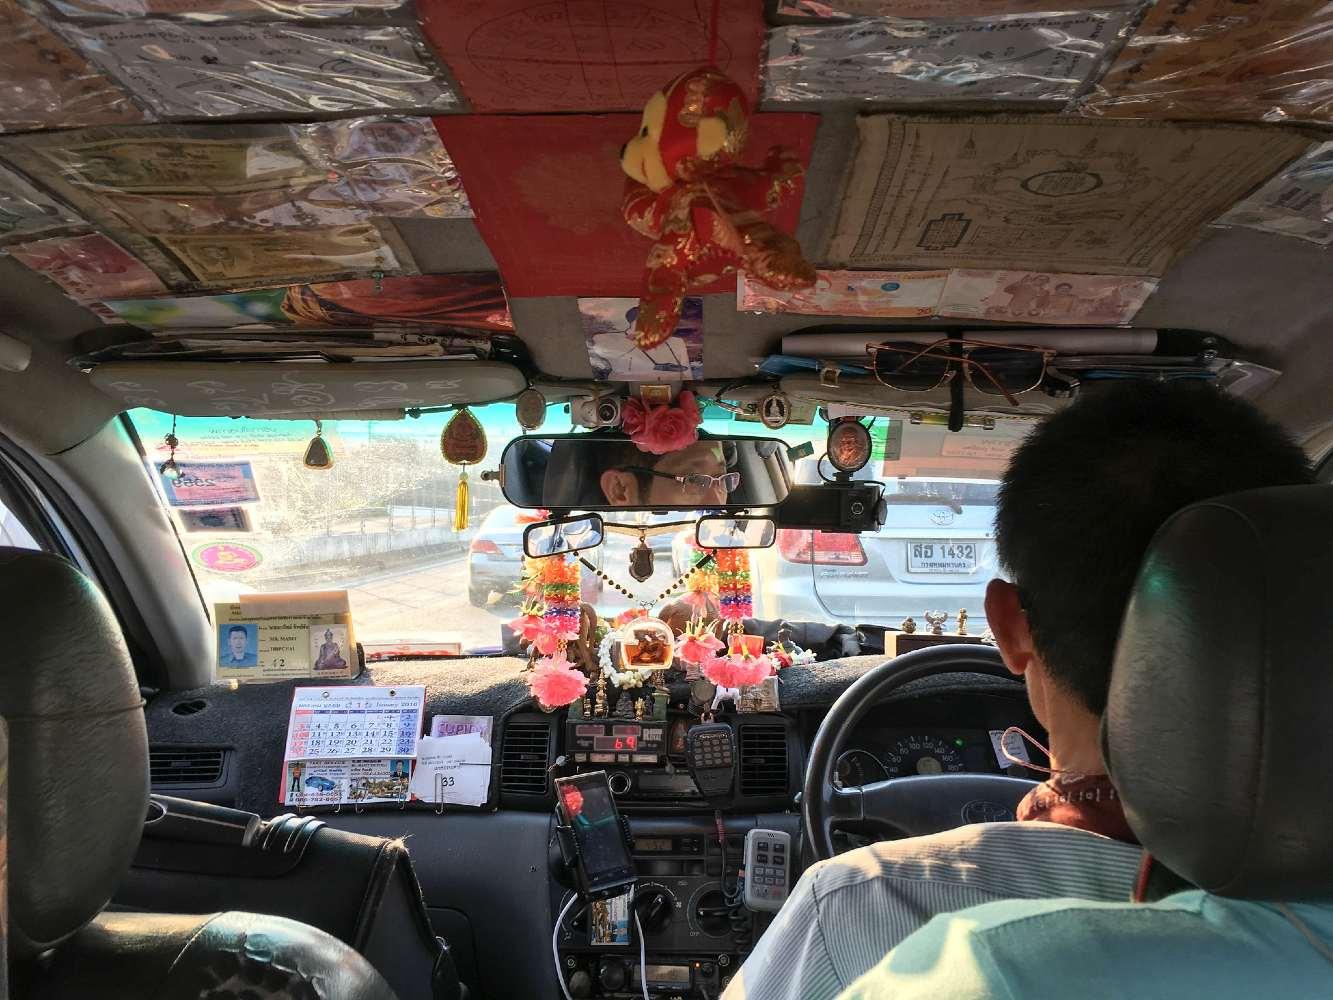 Binnenkant van Taxi in Bangkok volgeplakt met briefgeld en snuisterijen. Maar ook met de licentie en taxinummer erin.